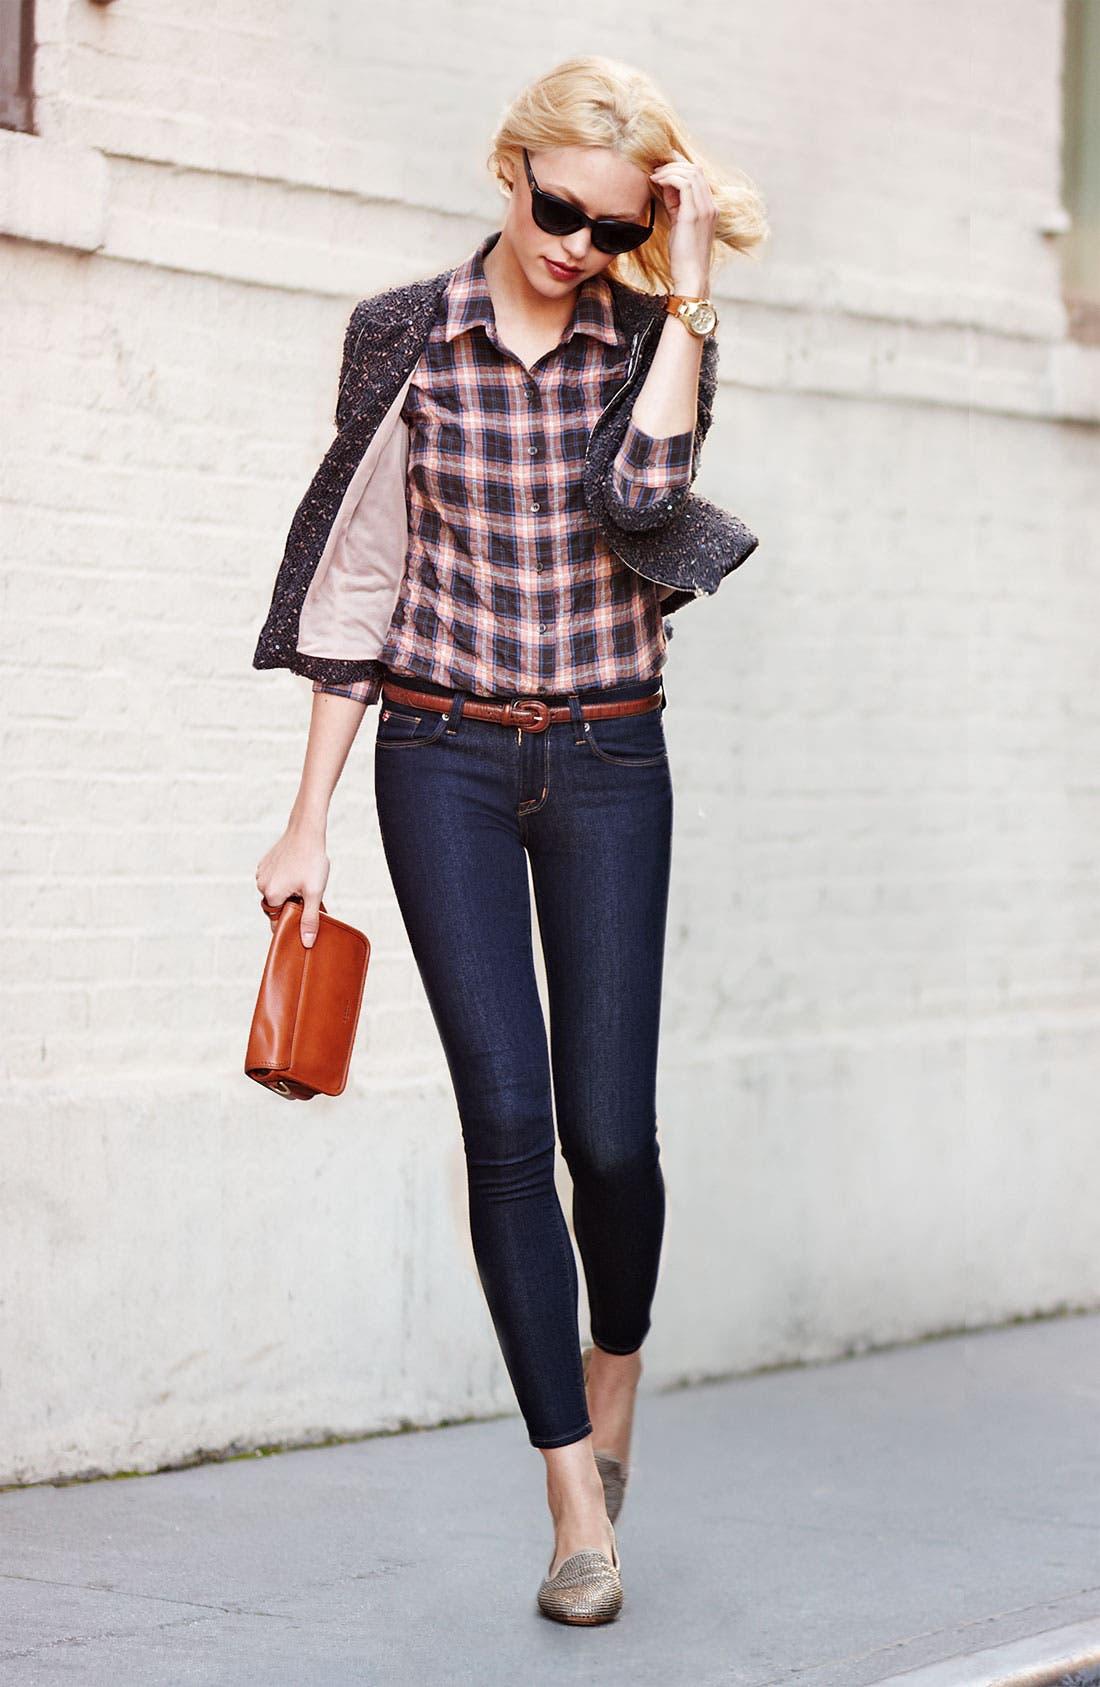 Main Image - Pure Sugar Jacket, James Perse Shirt & Hudson Jeans